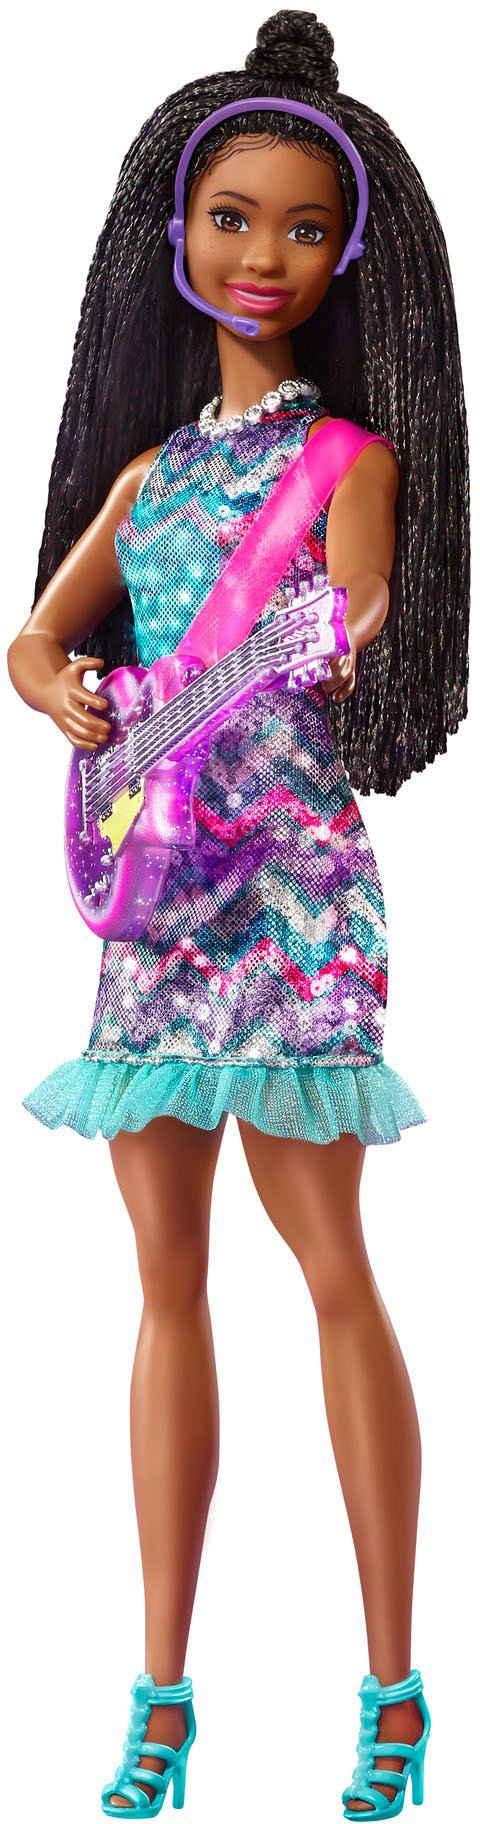 Barbie Anziehpuppe »Big City, Big Dream Brooklyn Puppe«, mit leuchtendem Kleid und Musik